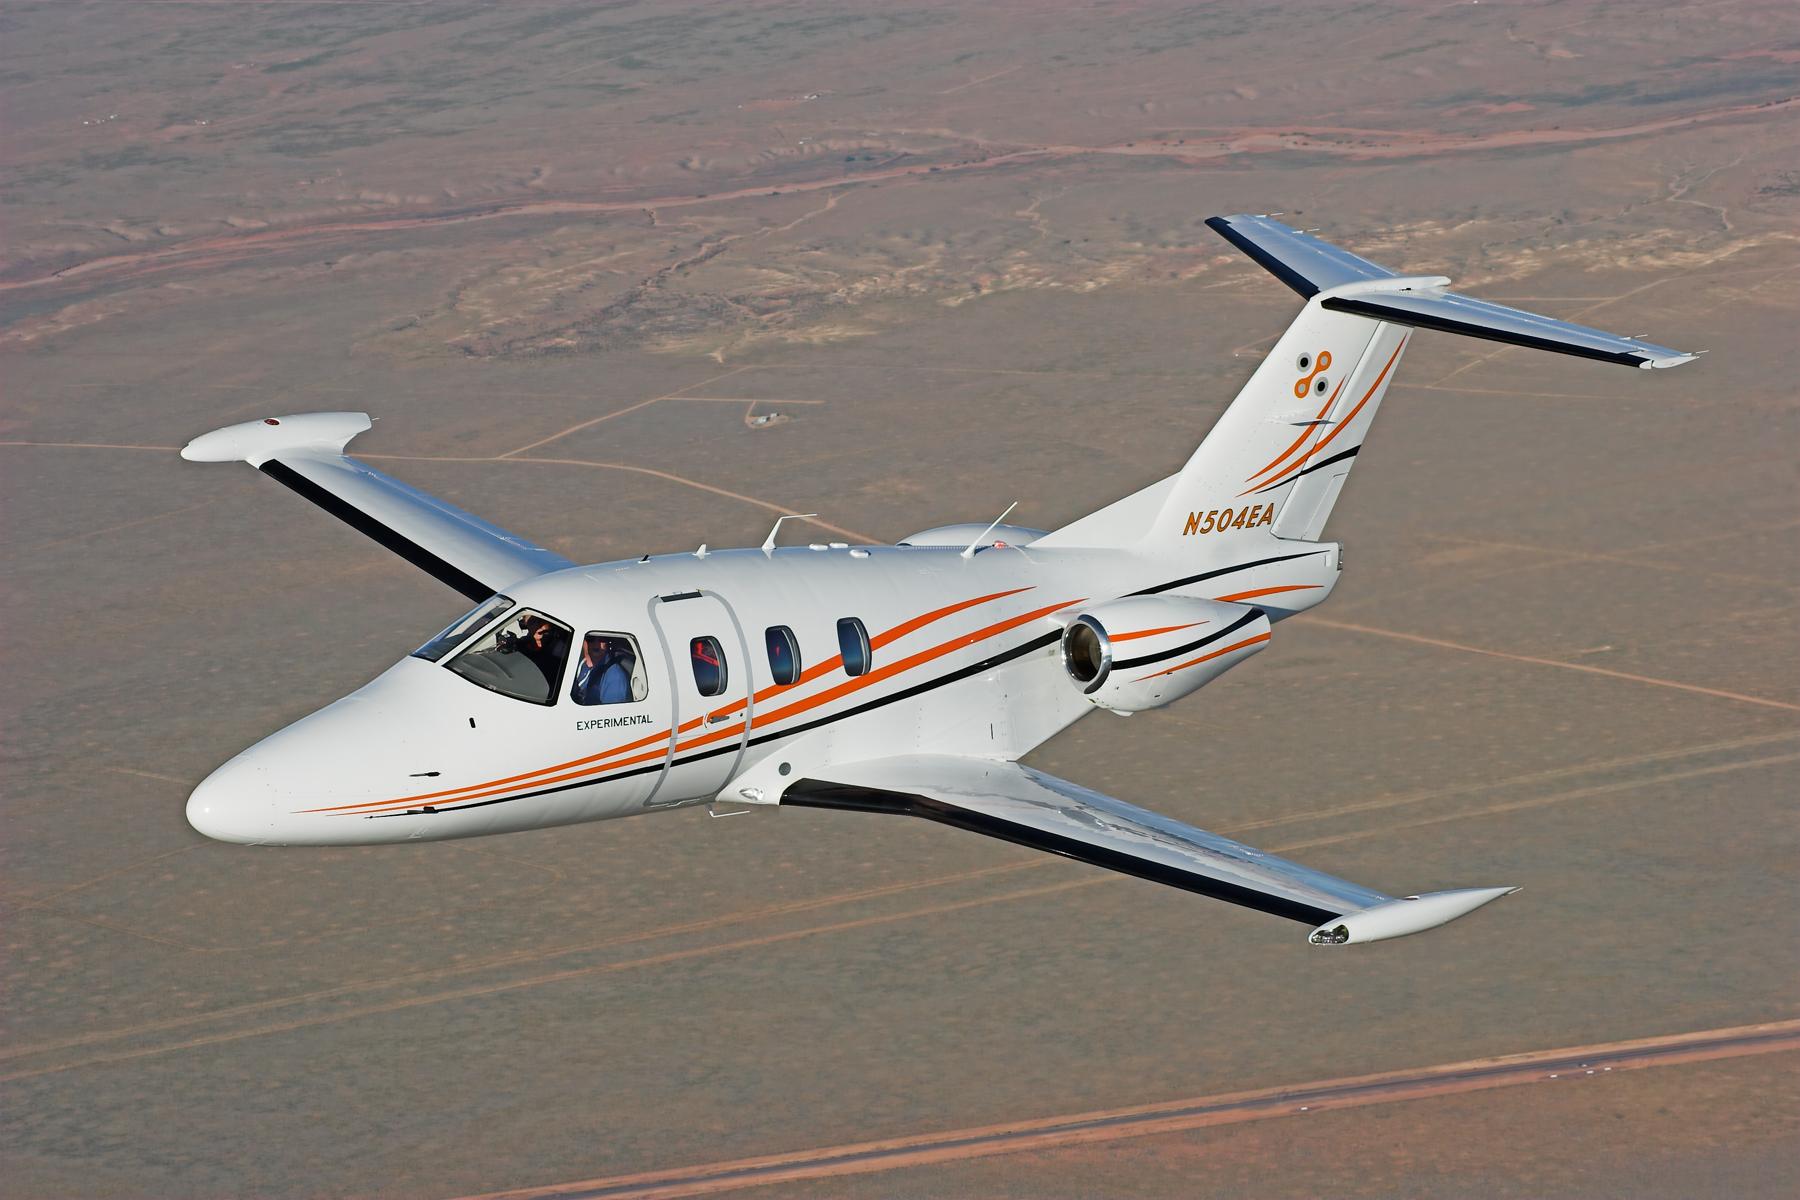 eclipse 500 a very light jet produced by eclipse aviation the eclipseEclipse Jet